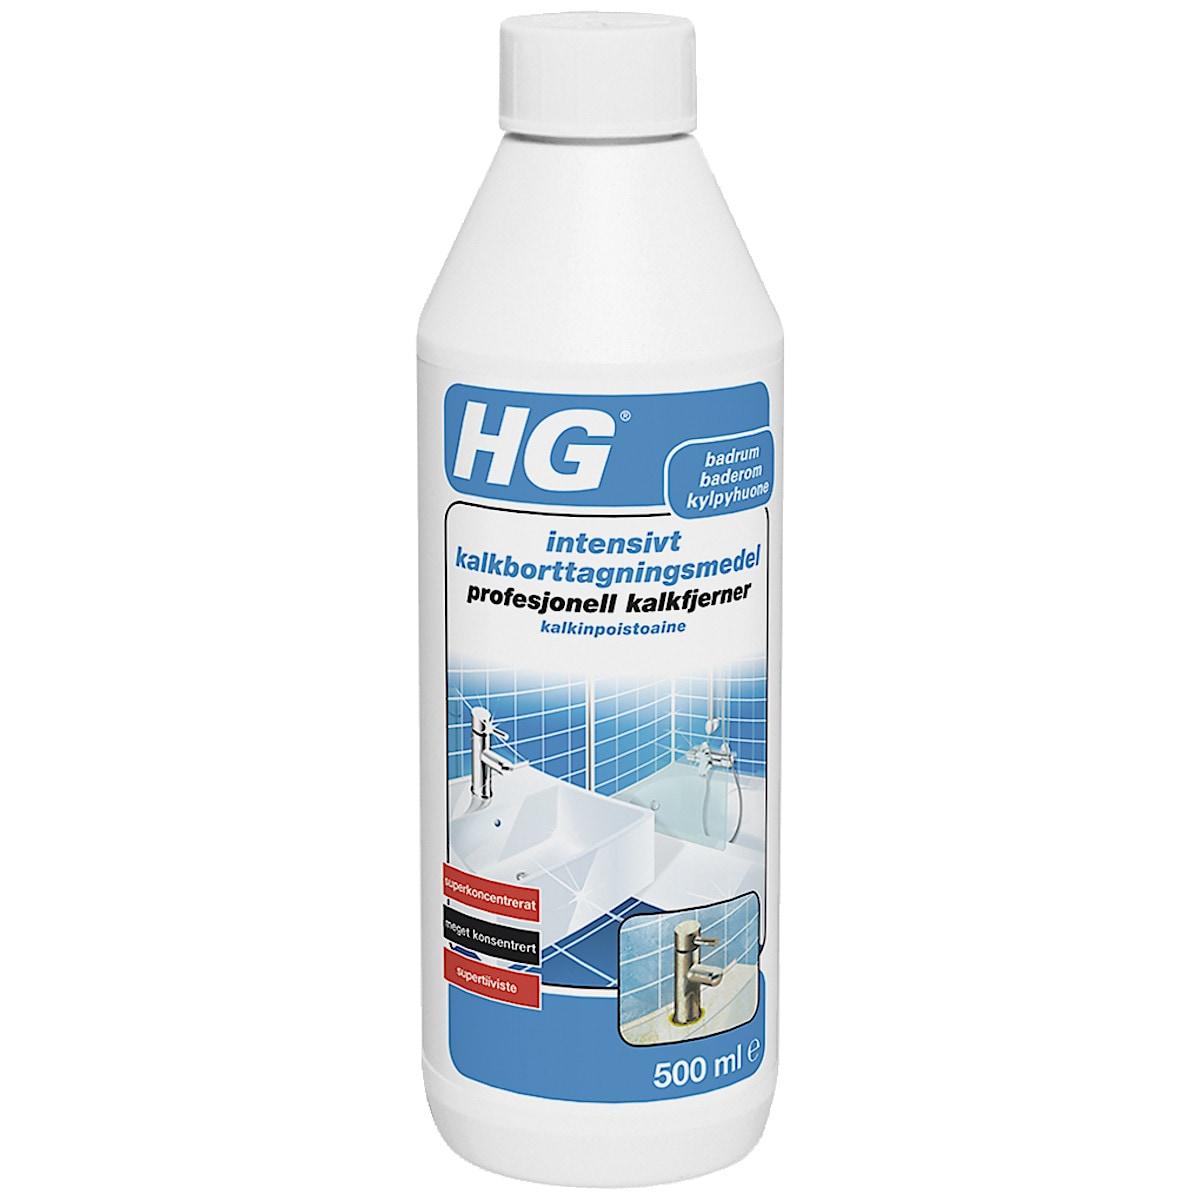 Kalkborttagningsmedel HG